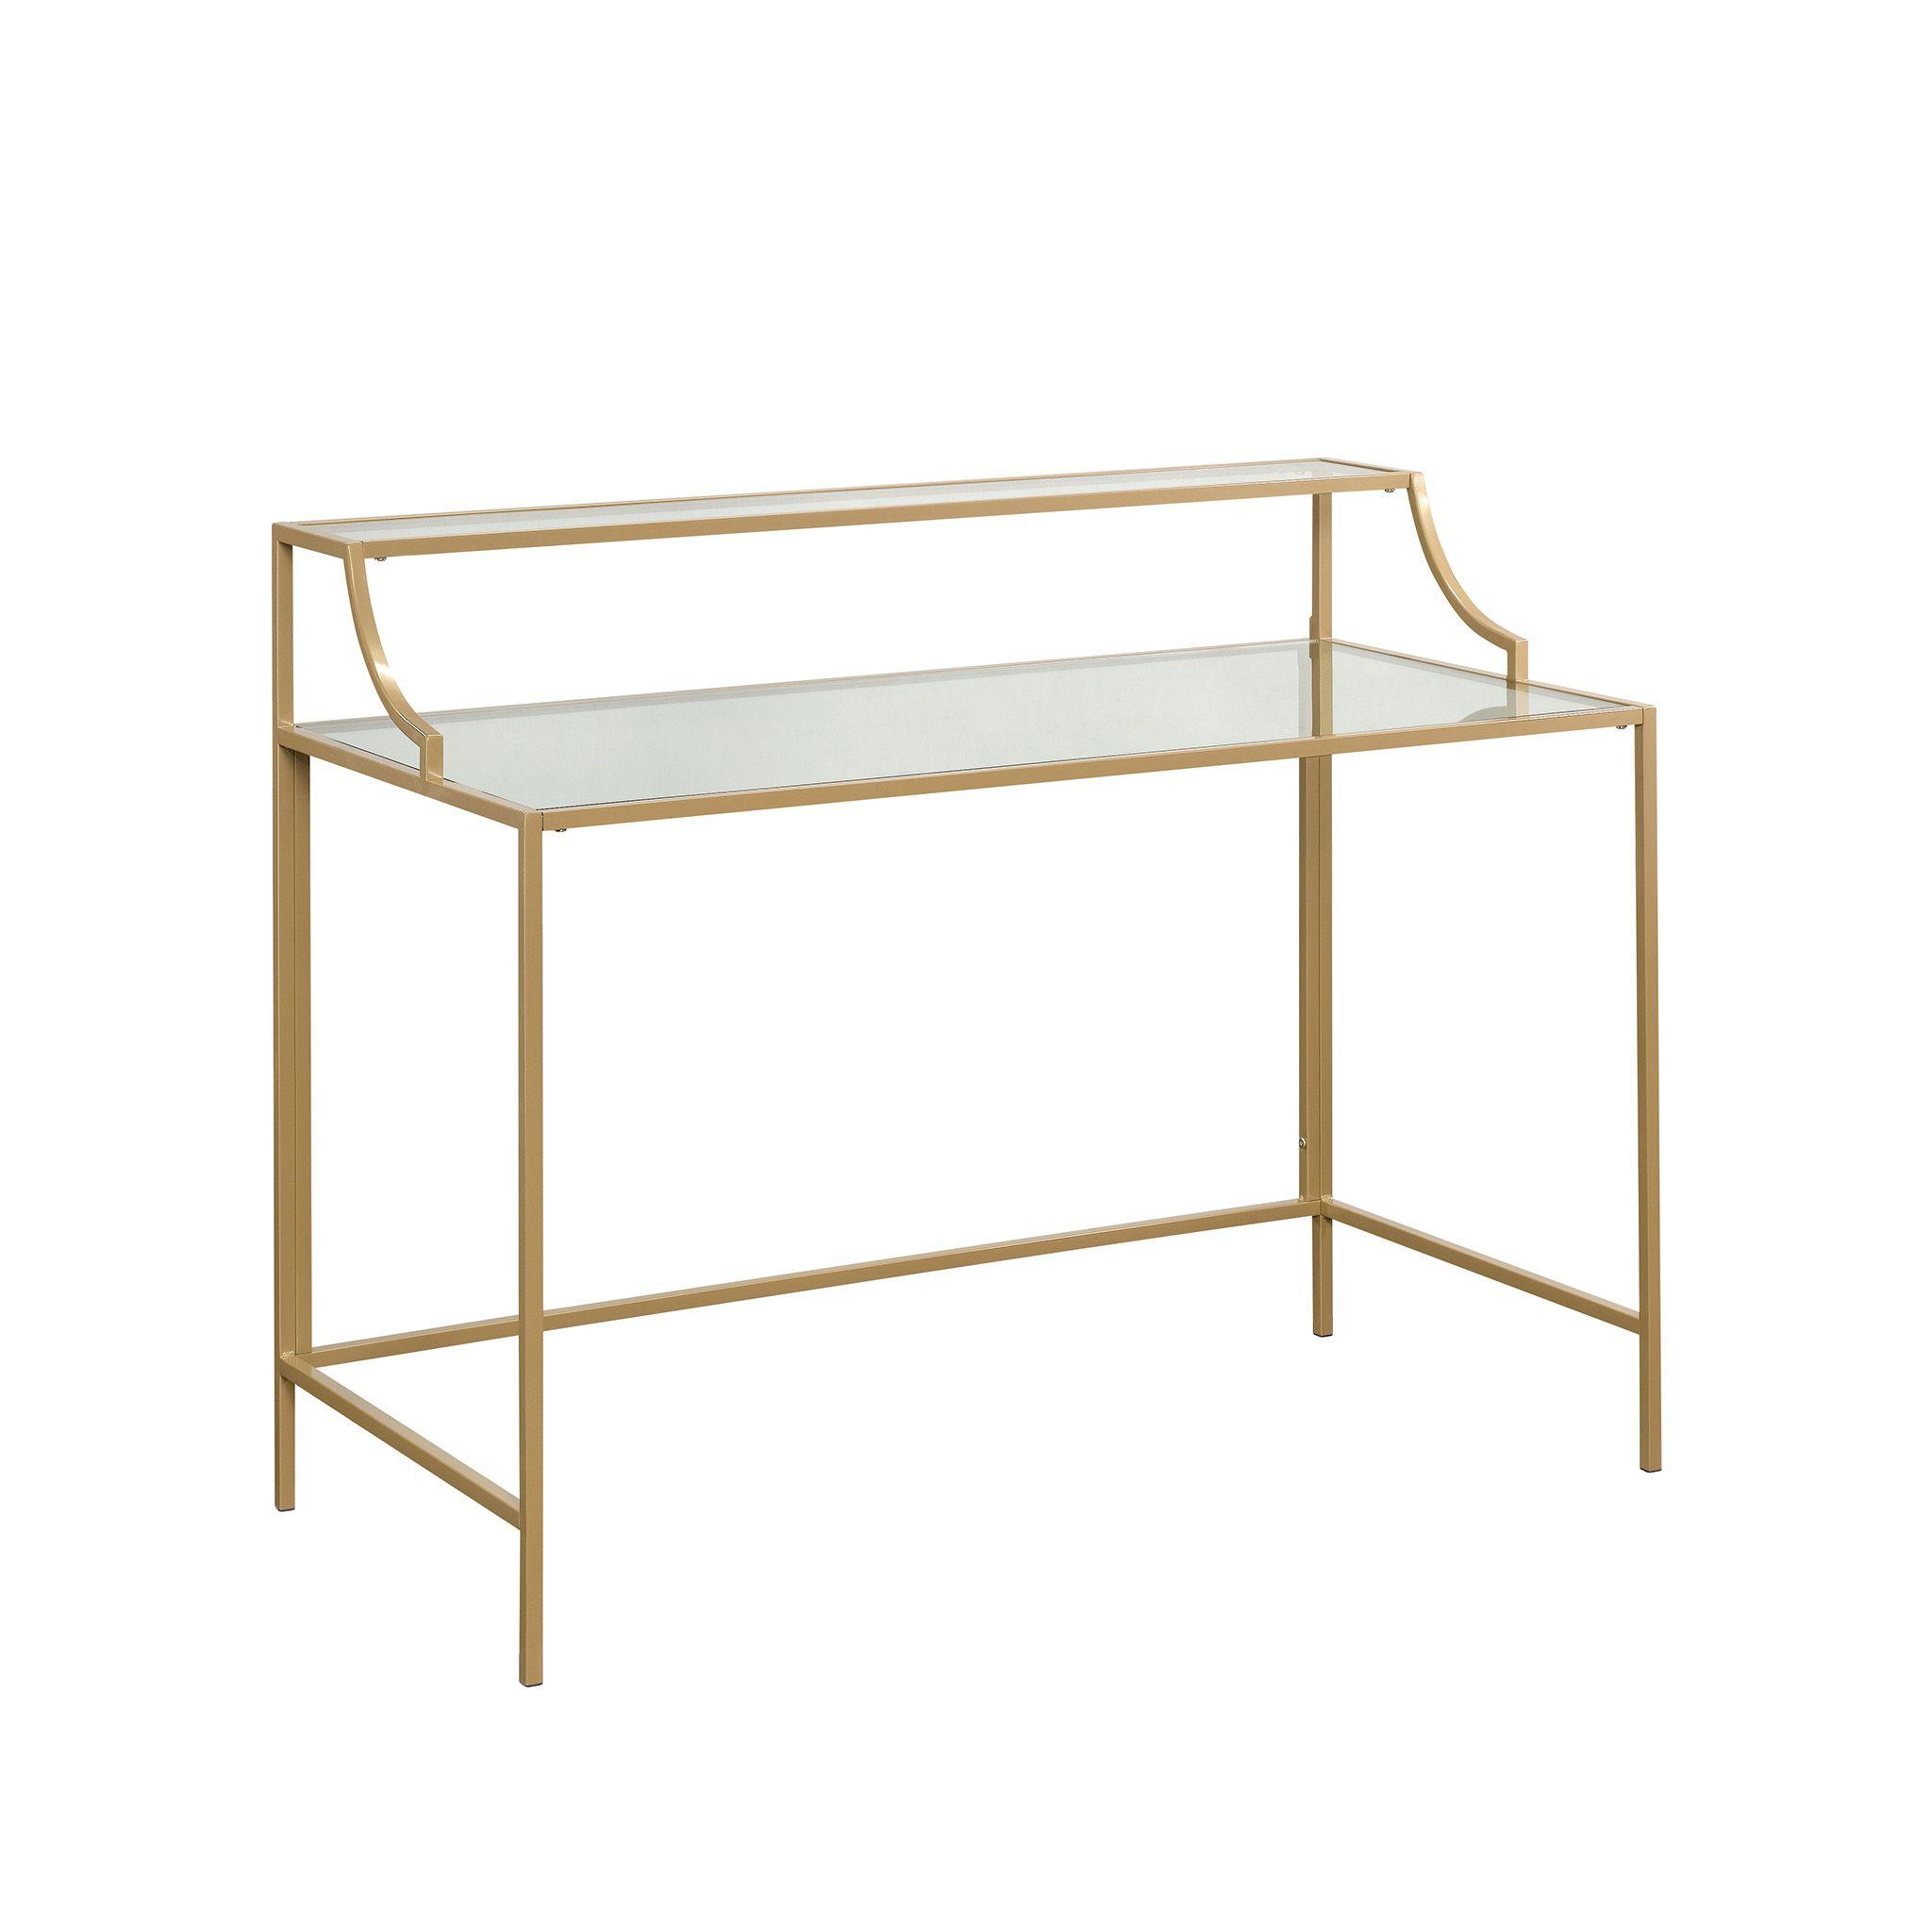 Better Homes Gardens Nola Writing Desk Gold Finish Walmart Com Writing Desk Metal Desks Decor Essentials